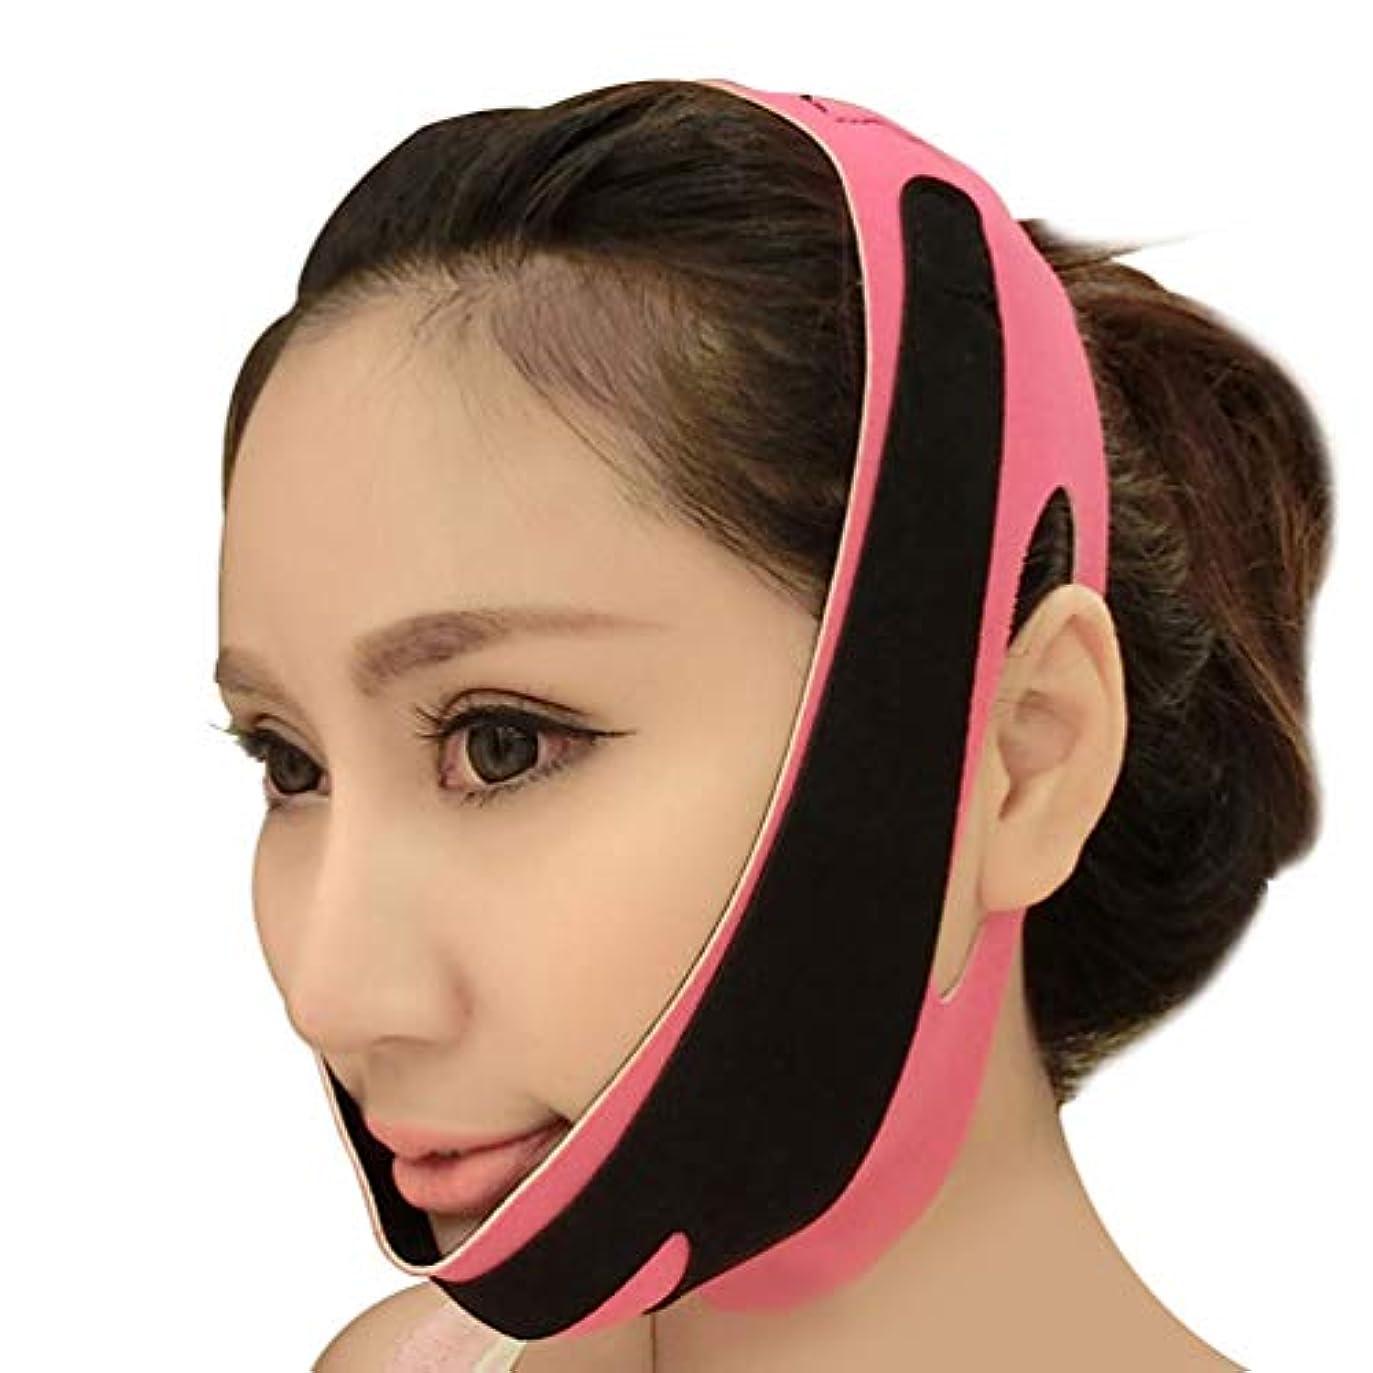 刺激する休日針Healifty Vラインあご頬リフトアップバンドVラインリフティングslim身マスク